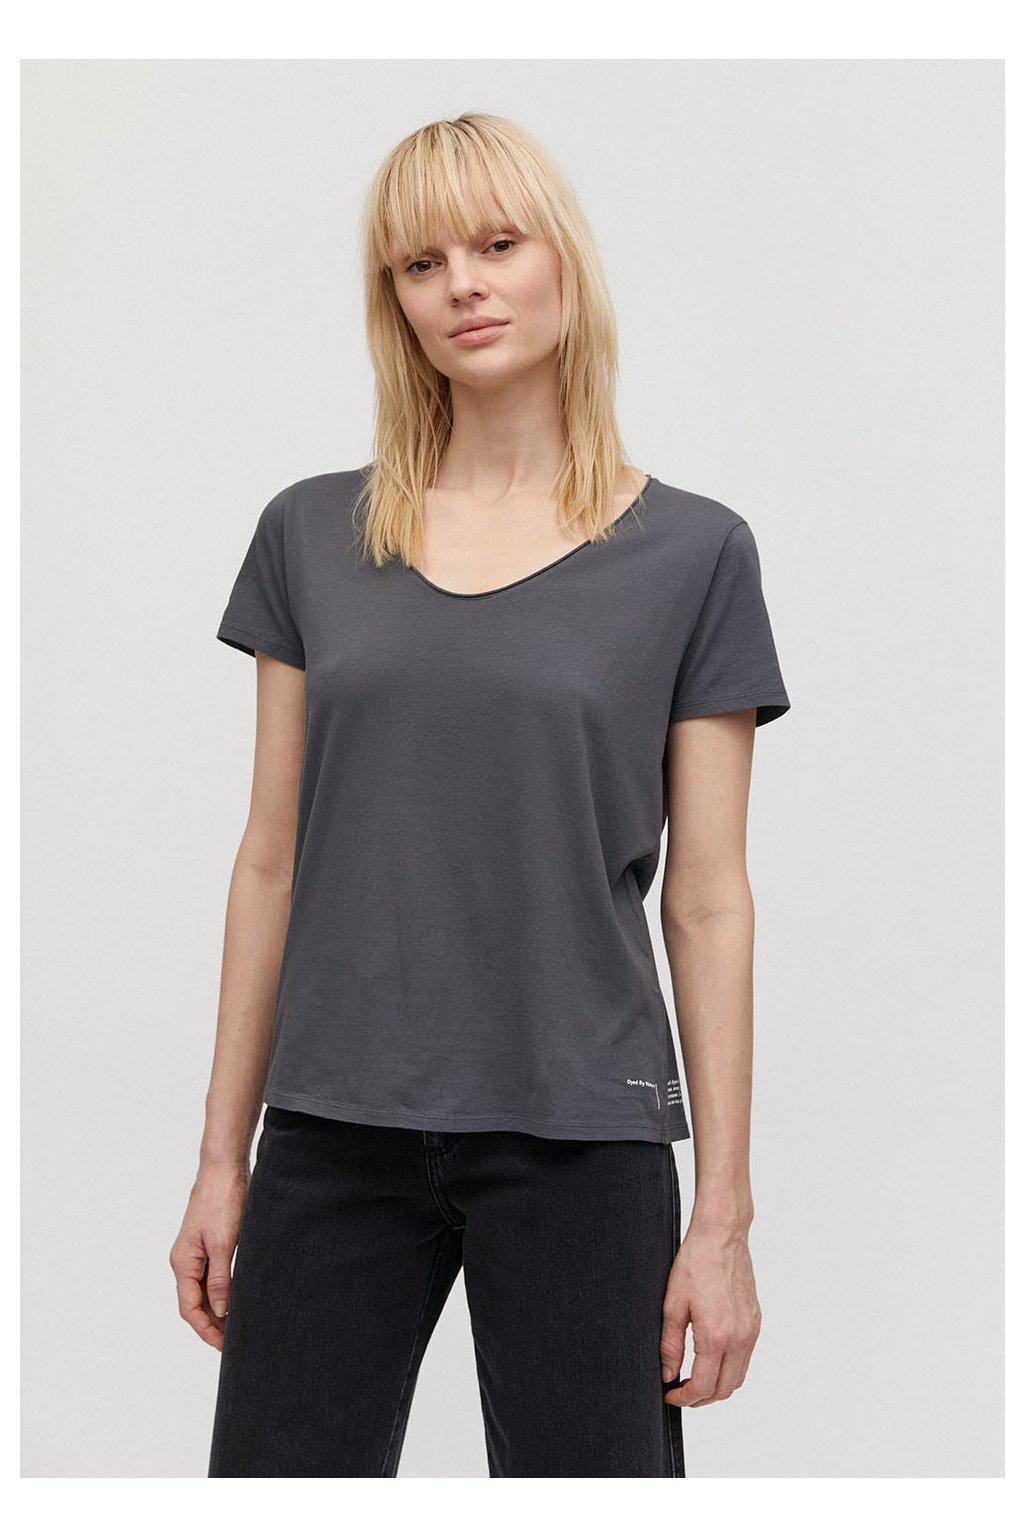 """Dámské šedé tričko """"HAADIA DYED BY NATURE natural charcoal"""" (Velikost L)"""